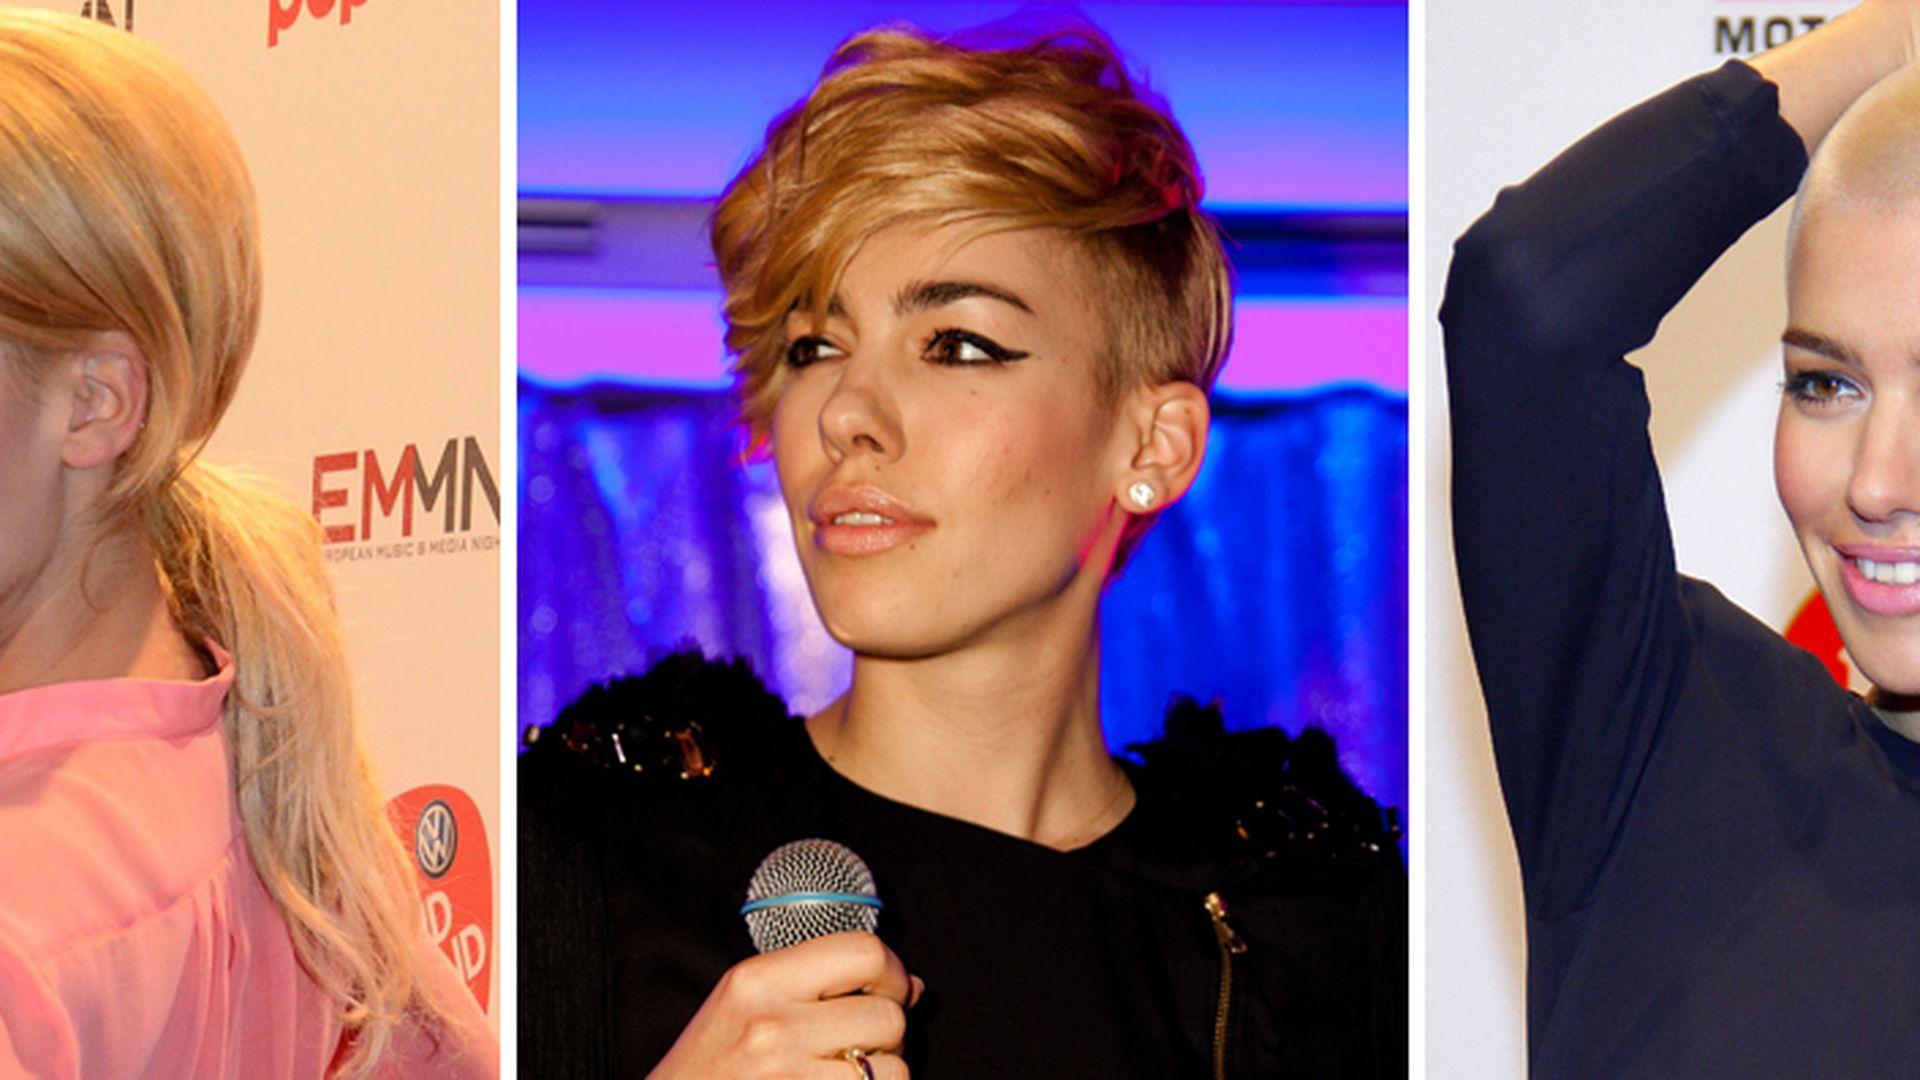 Frida Gold Alina Ihre Krasse Frisuren Entwicklung Promiflash De